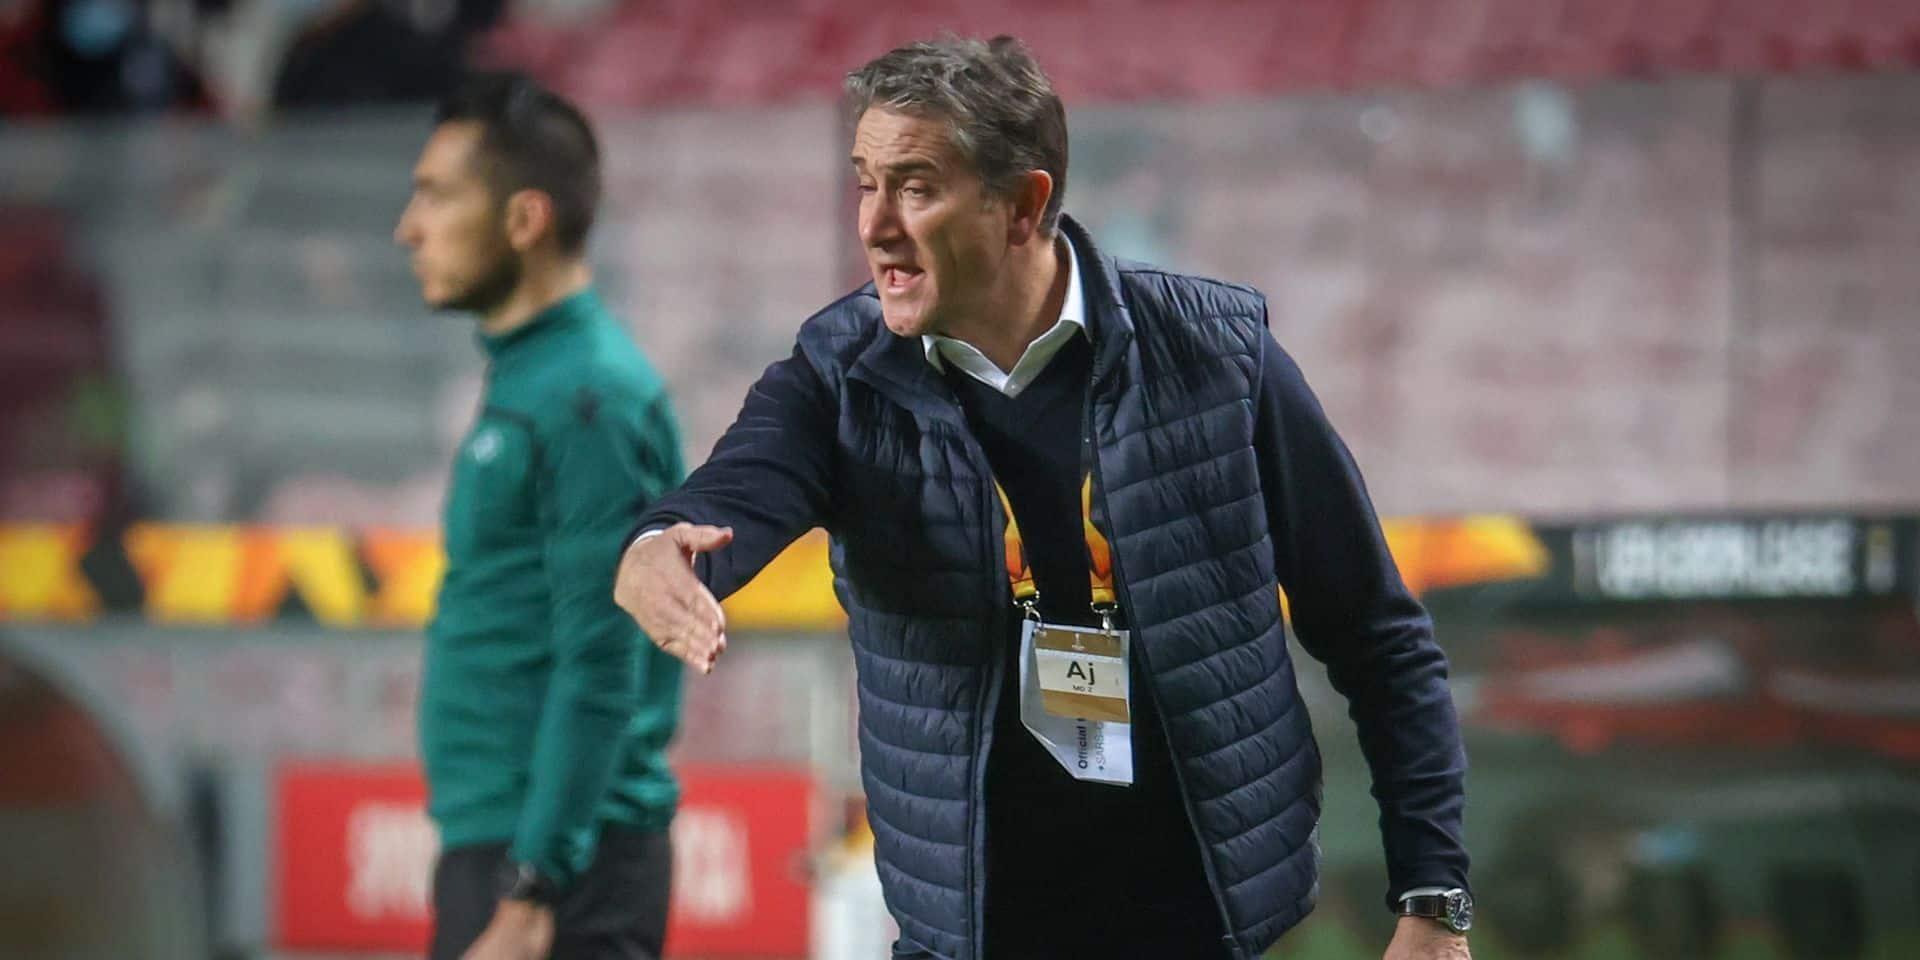 La claque à Benfica, une défaite fondatrice pour le Standard?